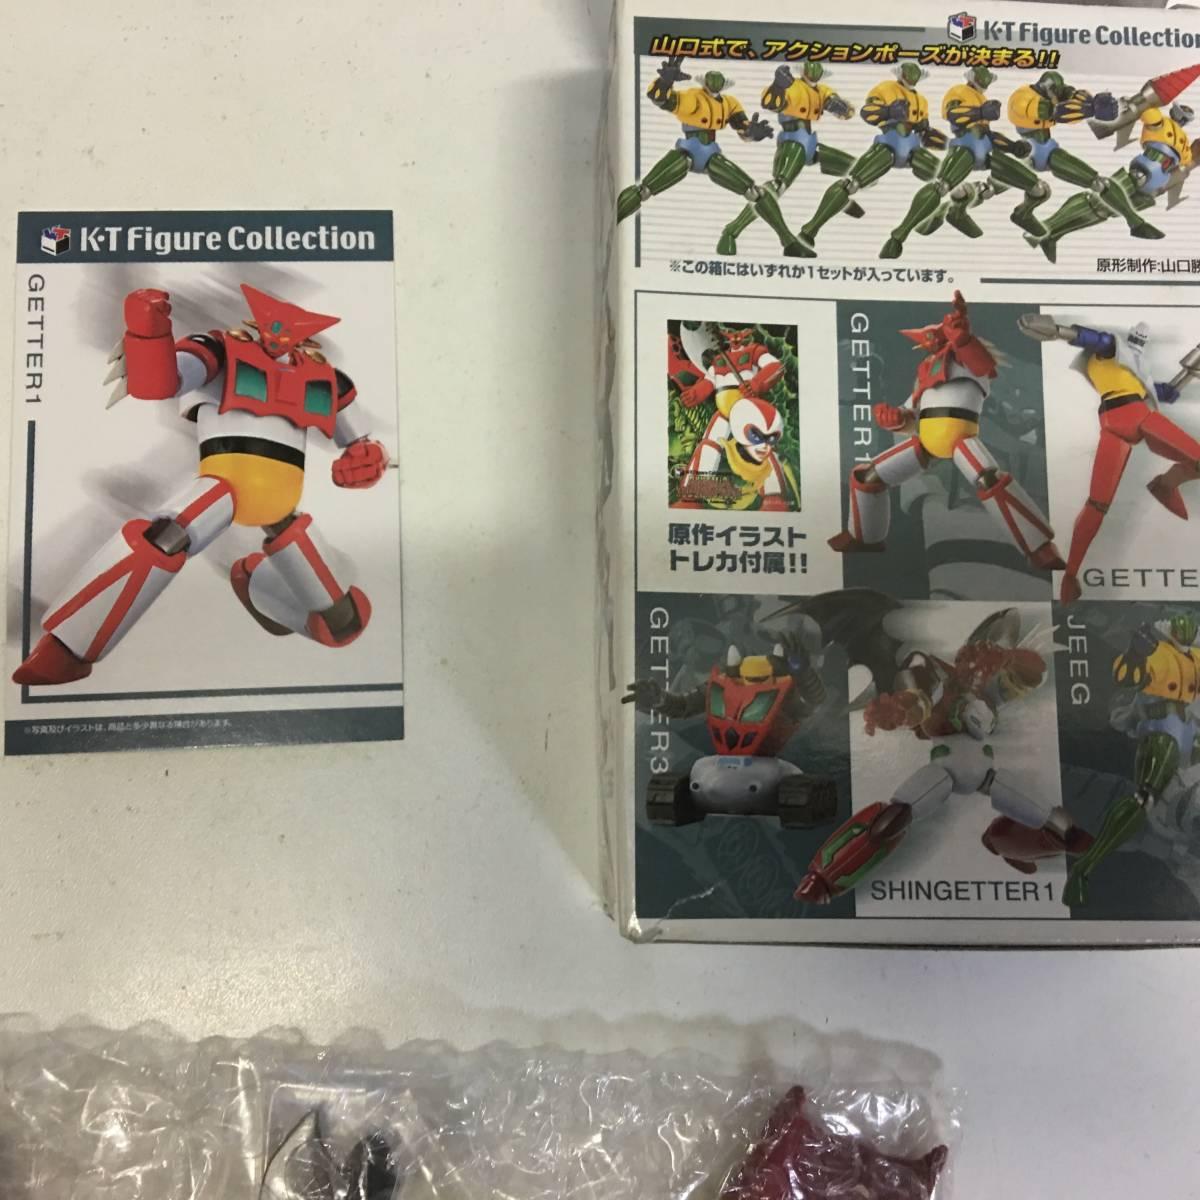 即決 未使用品 タカラ K・Tフィギュアコレクション ダイナミックロボットミュージアム 真ゲッター1 レターパック可能_画像5